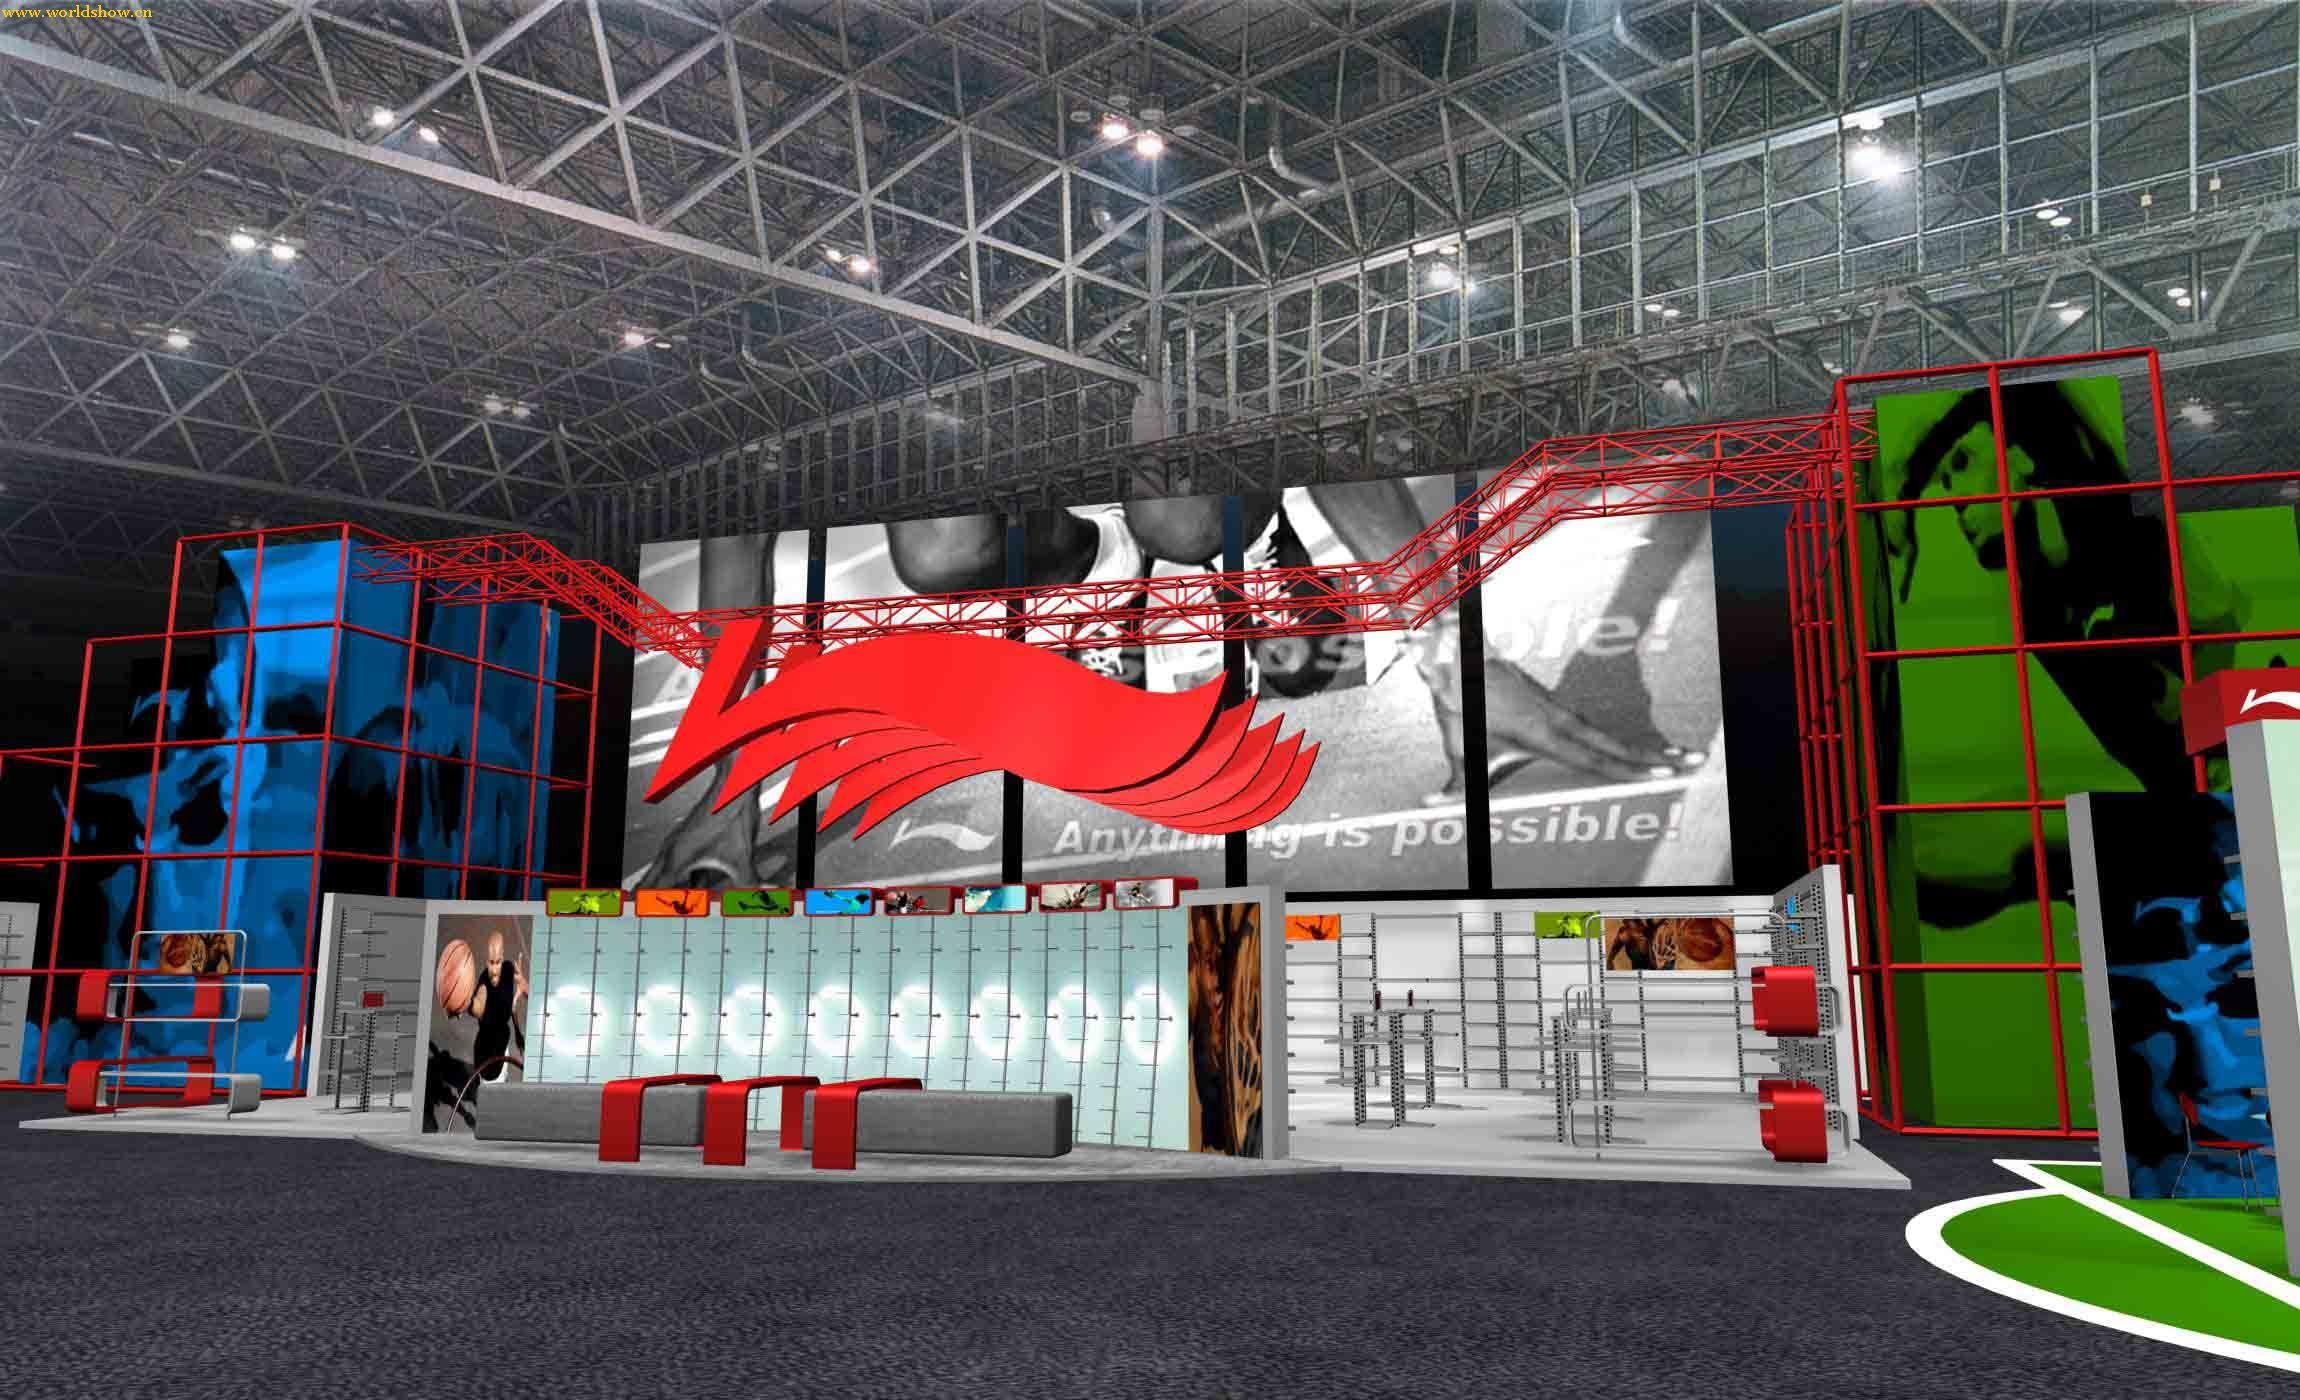 展览展台设计制作效果图欣赏1 - 中国展览设计网|国外